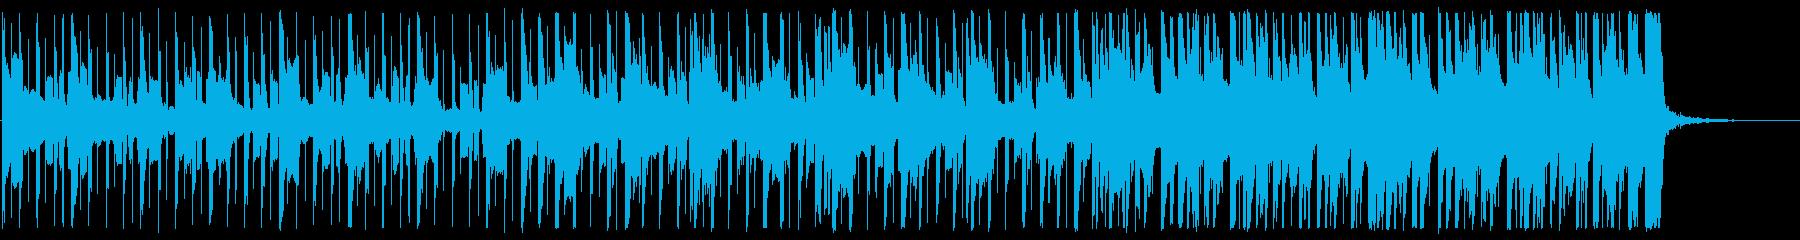 前向き/明るい/ハウス_No475_2の再生済みの波形